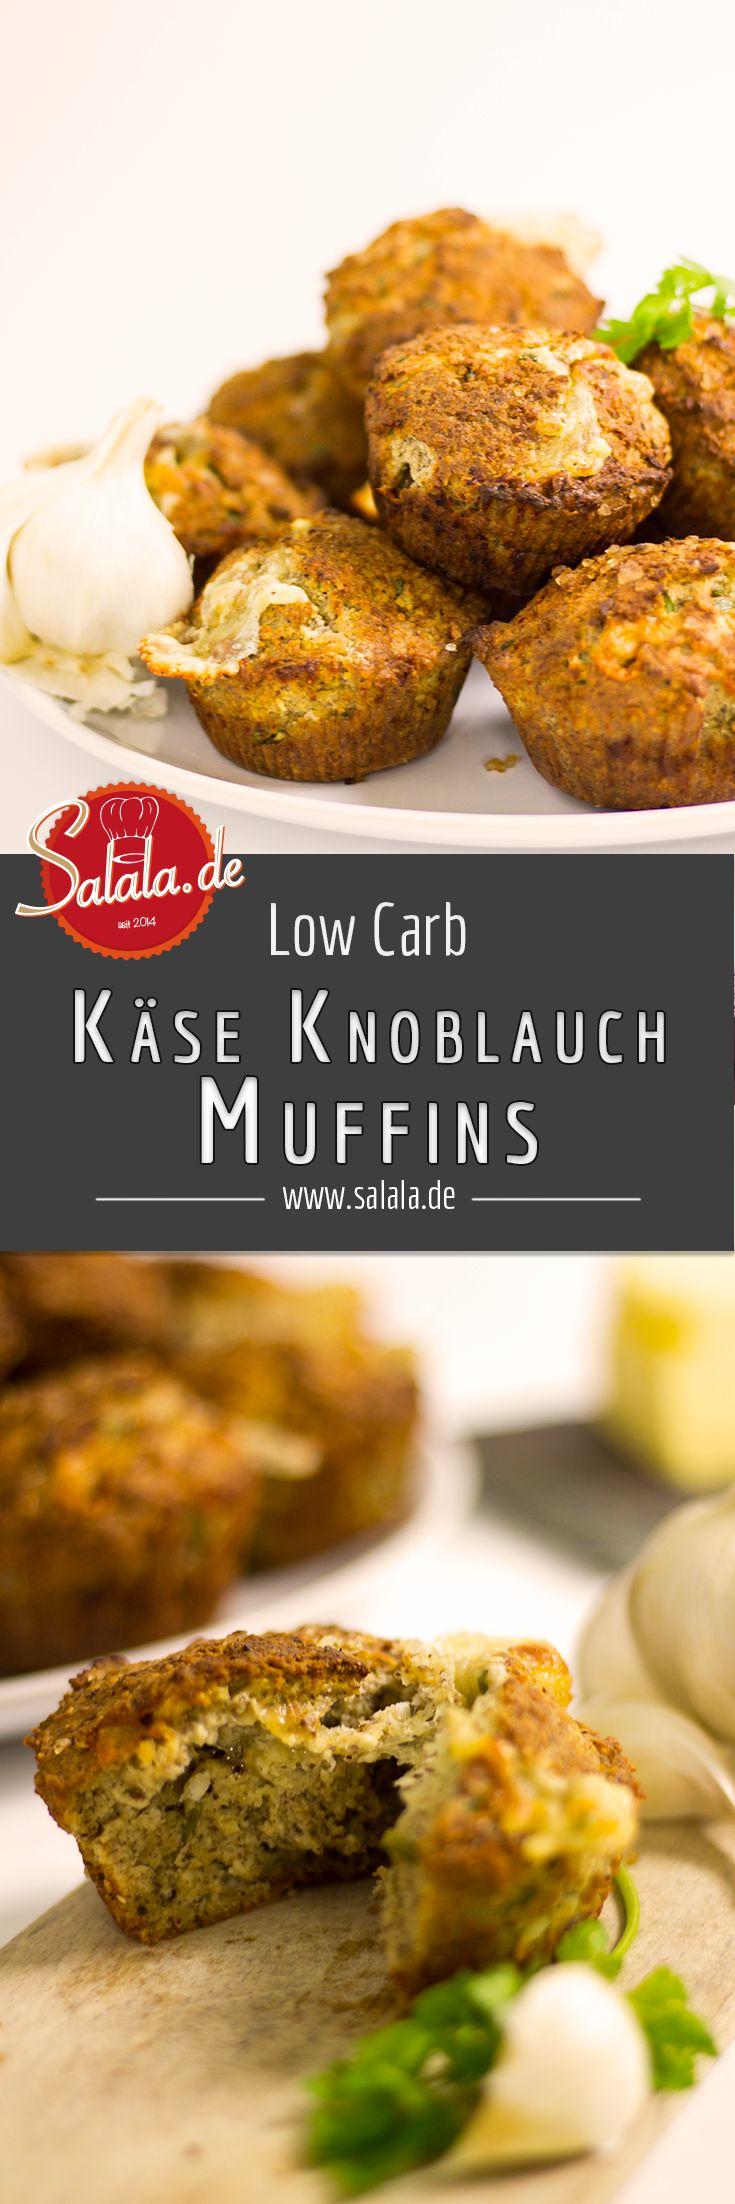 Käse Knoblauch Muffins klang für uns total lecker. Und da das original Rezept englisch war, dachten wir uns, wir entführen diese leckeren, herzhaften Low Carb Muffins nach Deutschland :).